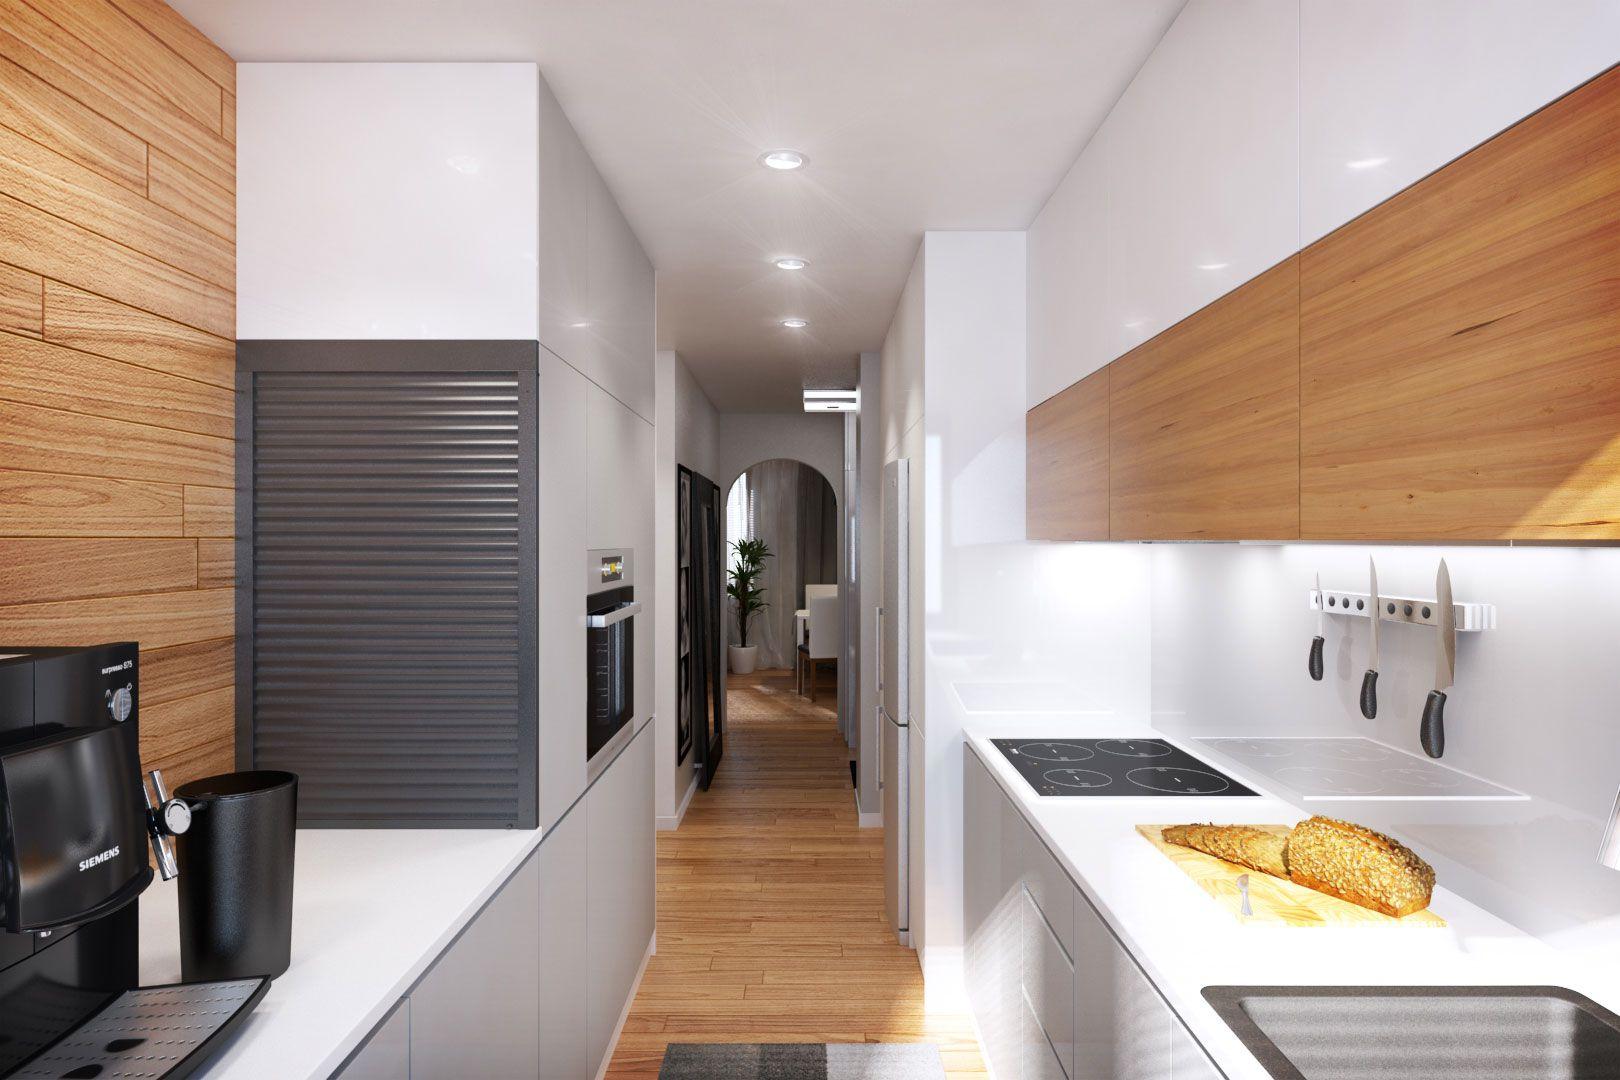 Diseño-de-cocina-muy-pequeña-de-departamento - Constructora Paramount